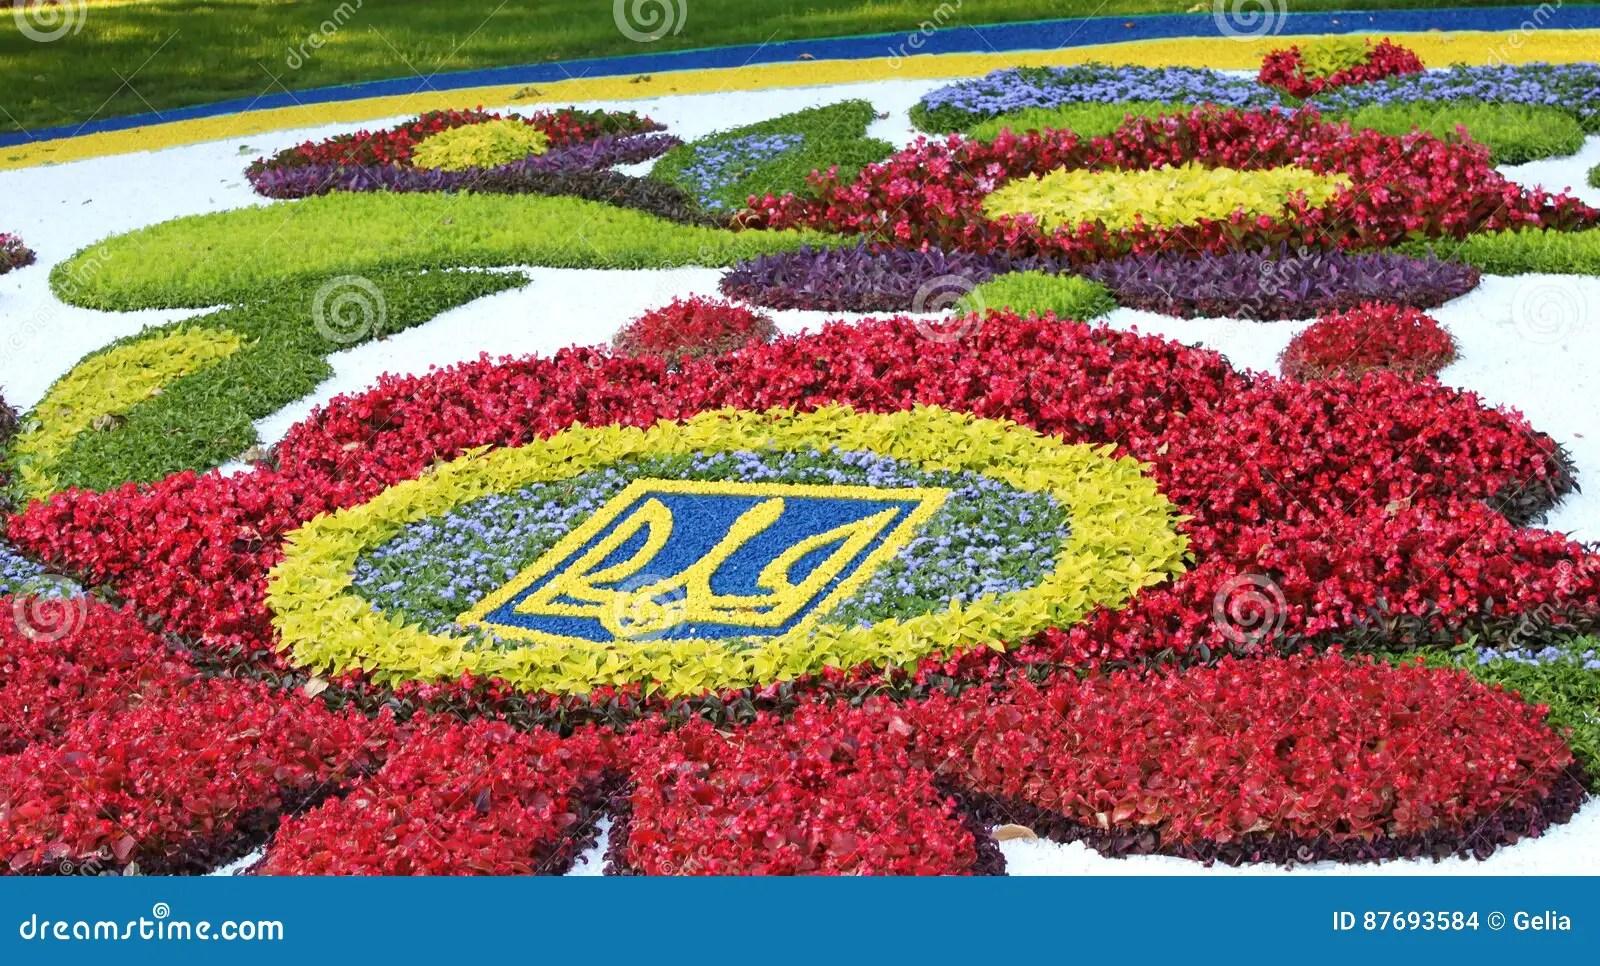 Blumen Im August Rosa Blumen Im August With Blumen Im